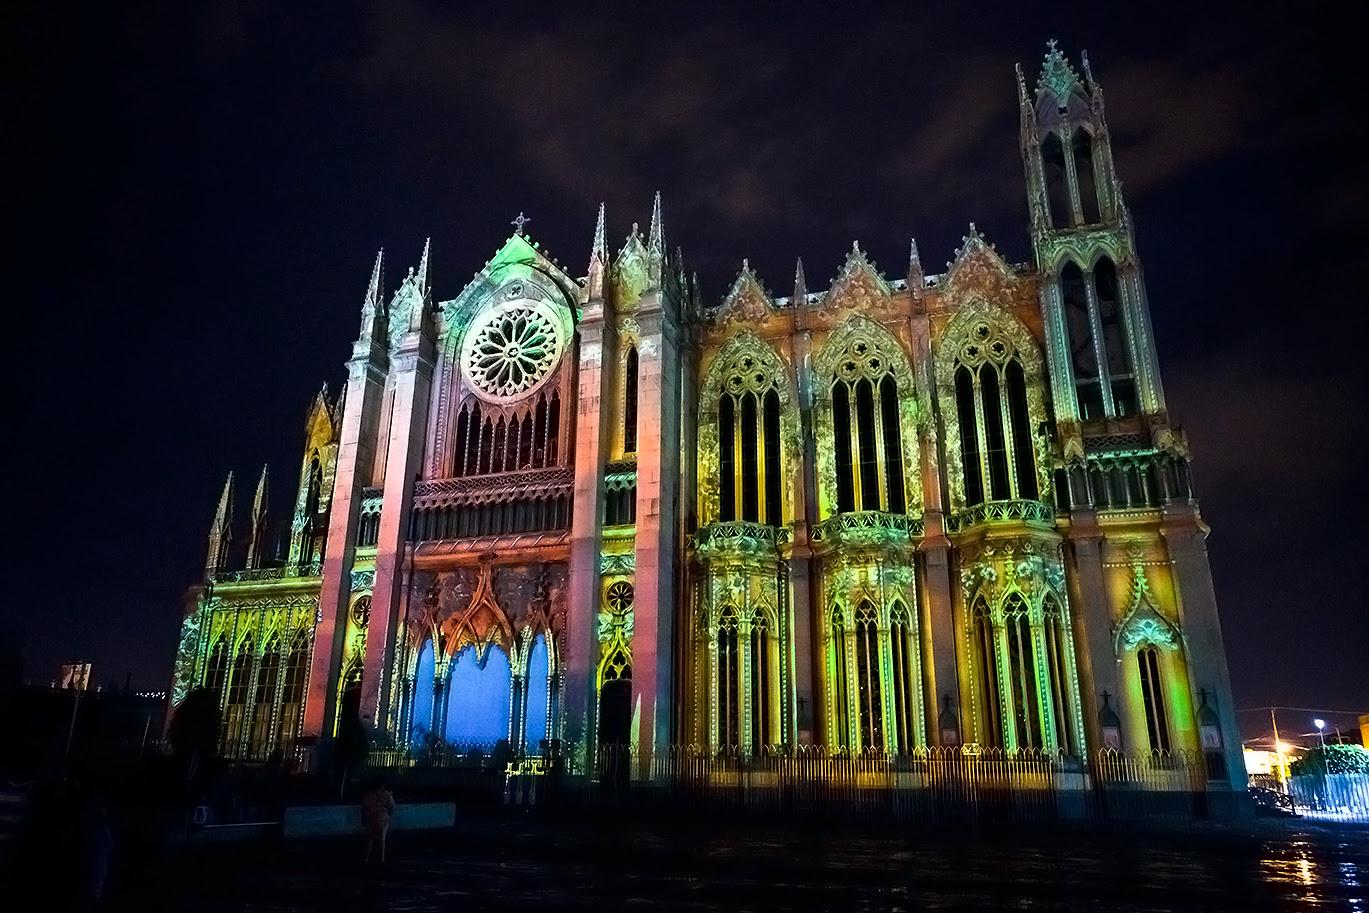 Un Fin De Semana Con Tu Pareja En Leon Guanajuato La Pareja Viajera